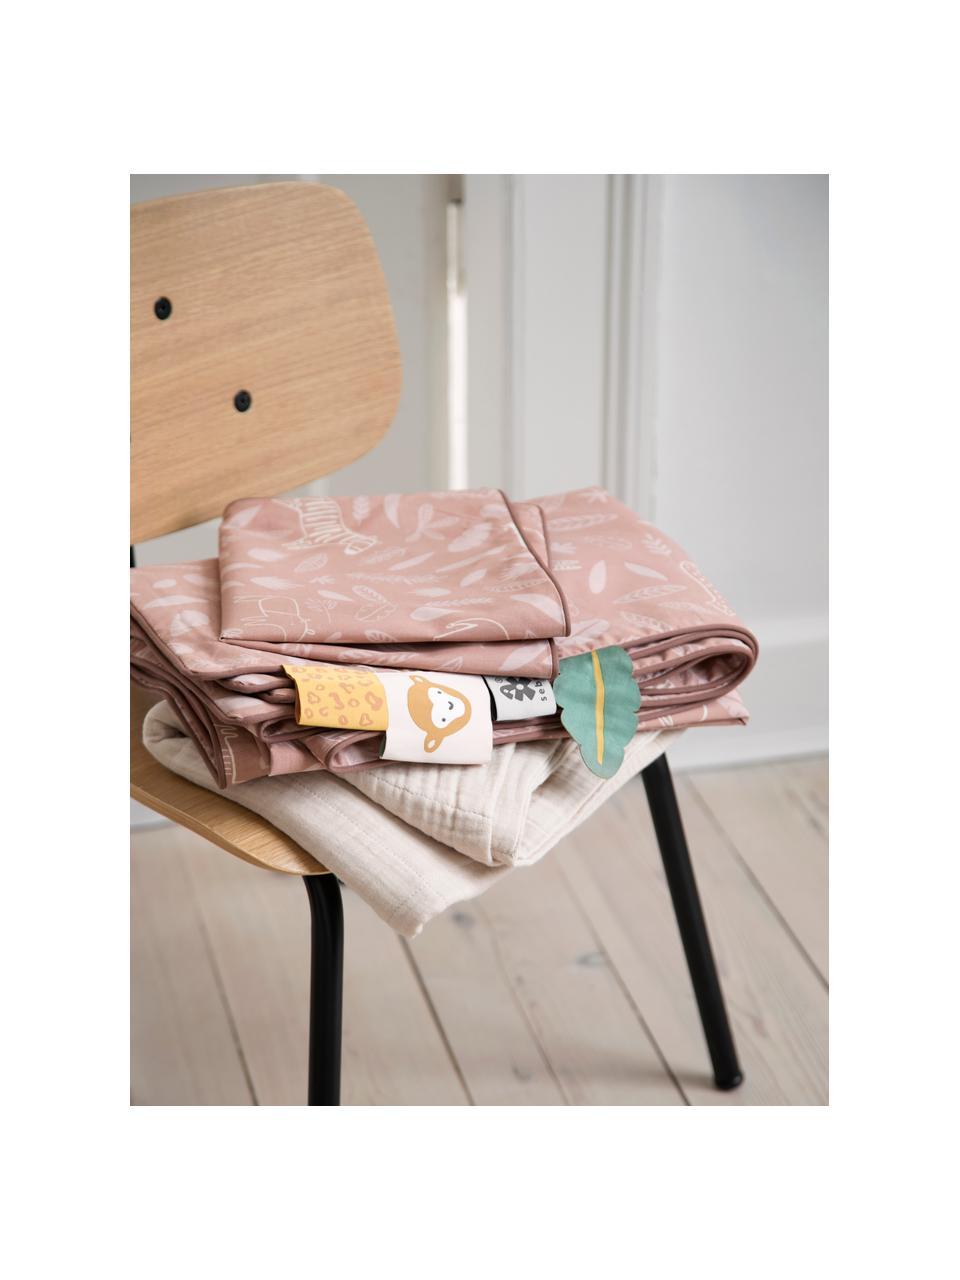 Kinder-Stuhl Oakee, Gestell: Metall, lackiert, Platte: Buchenholz mit Eichenholz, Eichenholz, 37 x 57 cm